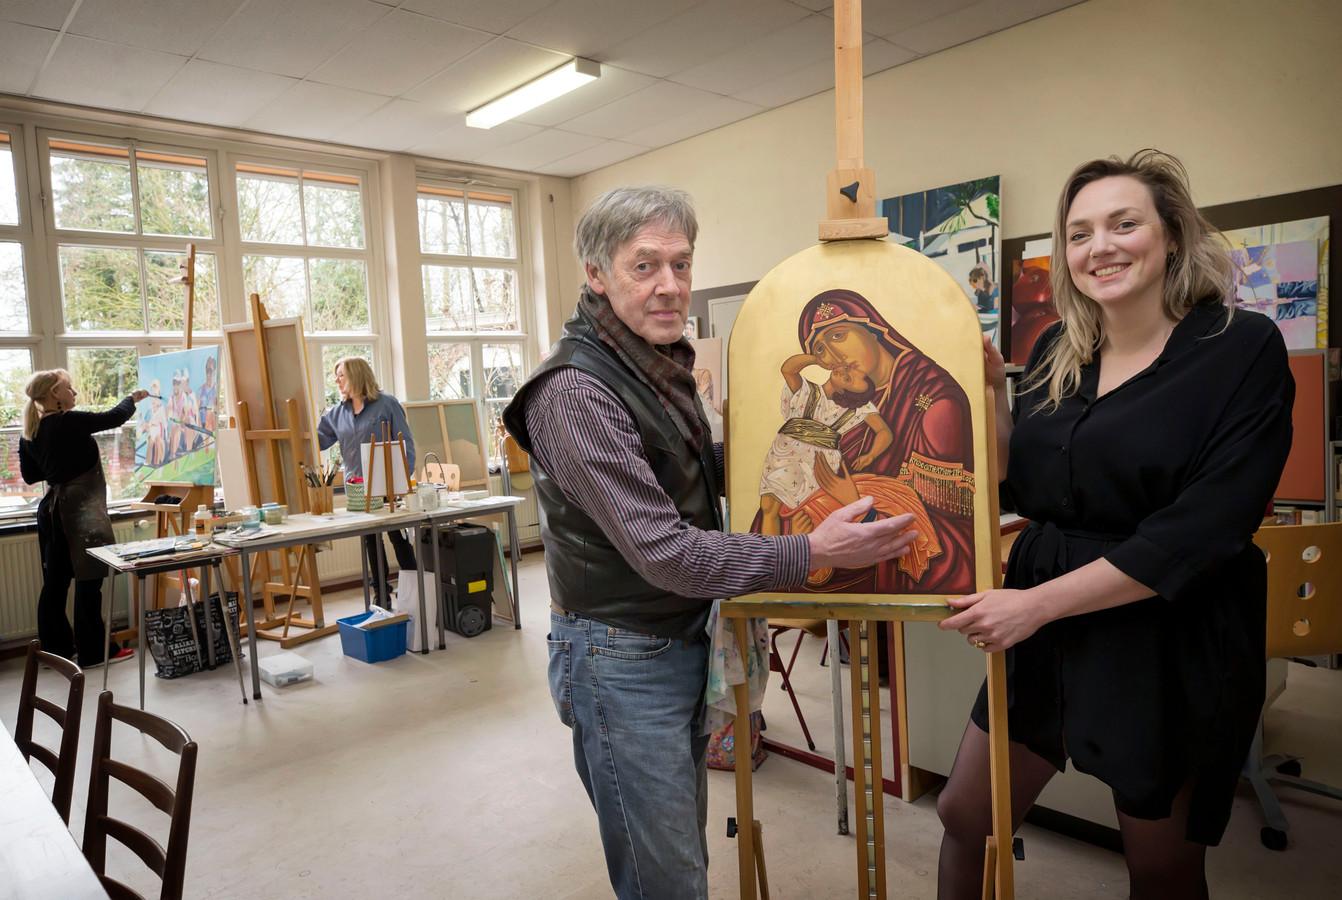 Joop Swaans en dochter Maya met een icoon dat door Maria is geschilderd.